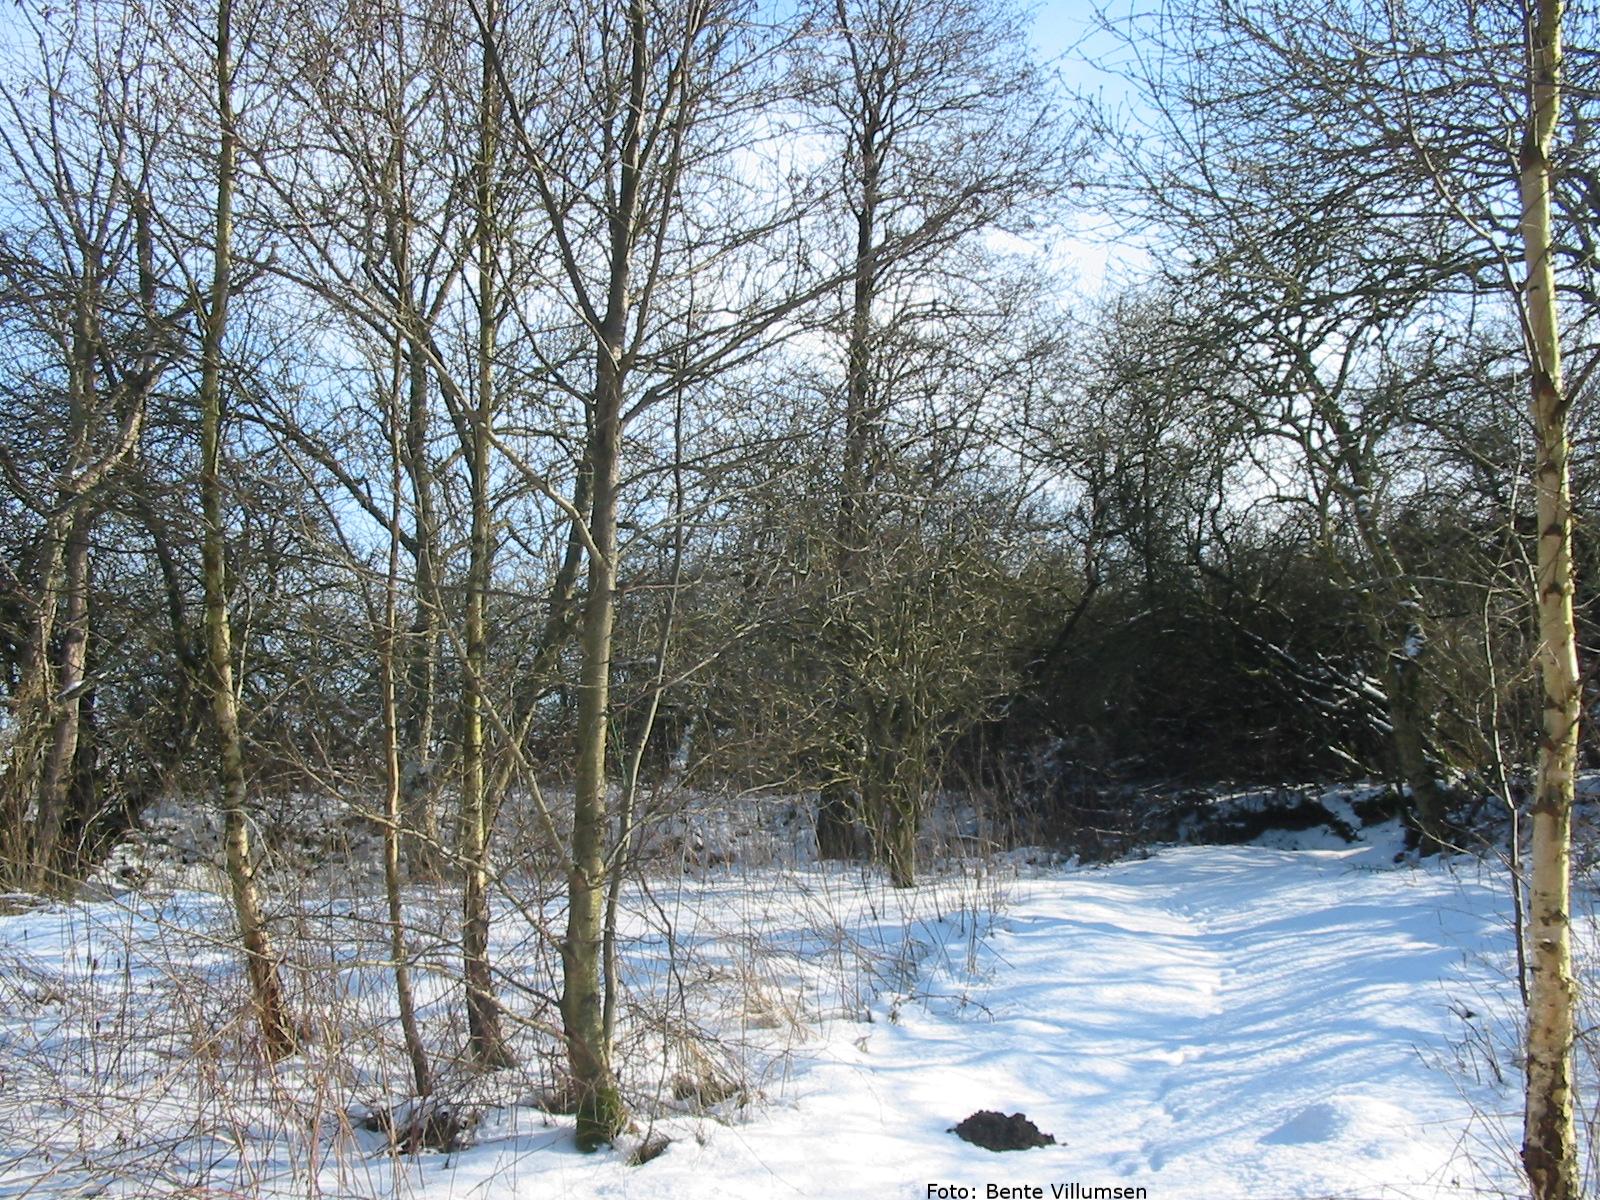 Vintermøde 2021 – 9. og 10. marts – on line møde over to dage